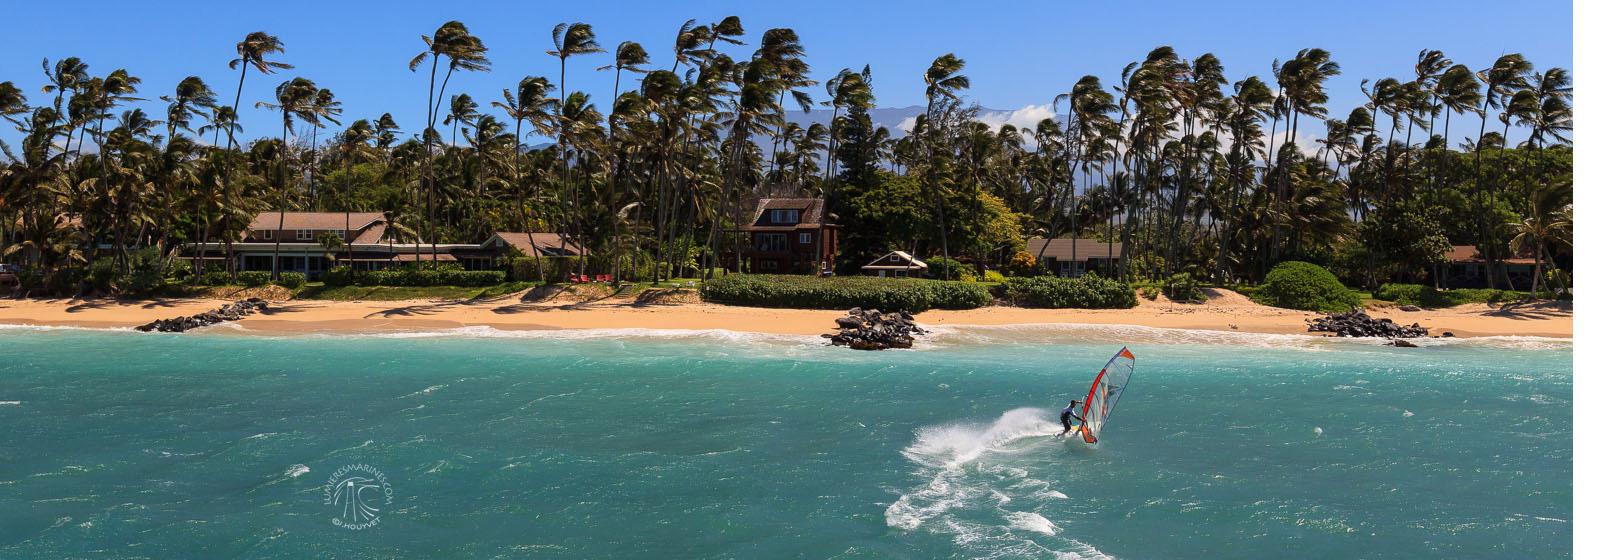 Windsurf trip ad kua voyages planche voile sur mesure for Meilleur site reservation sejour